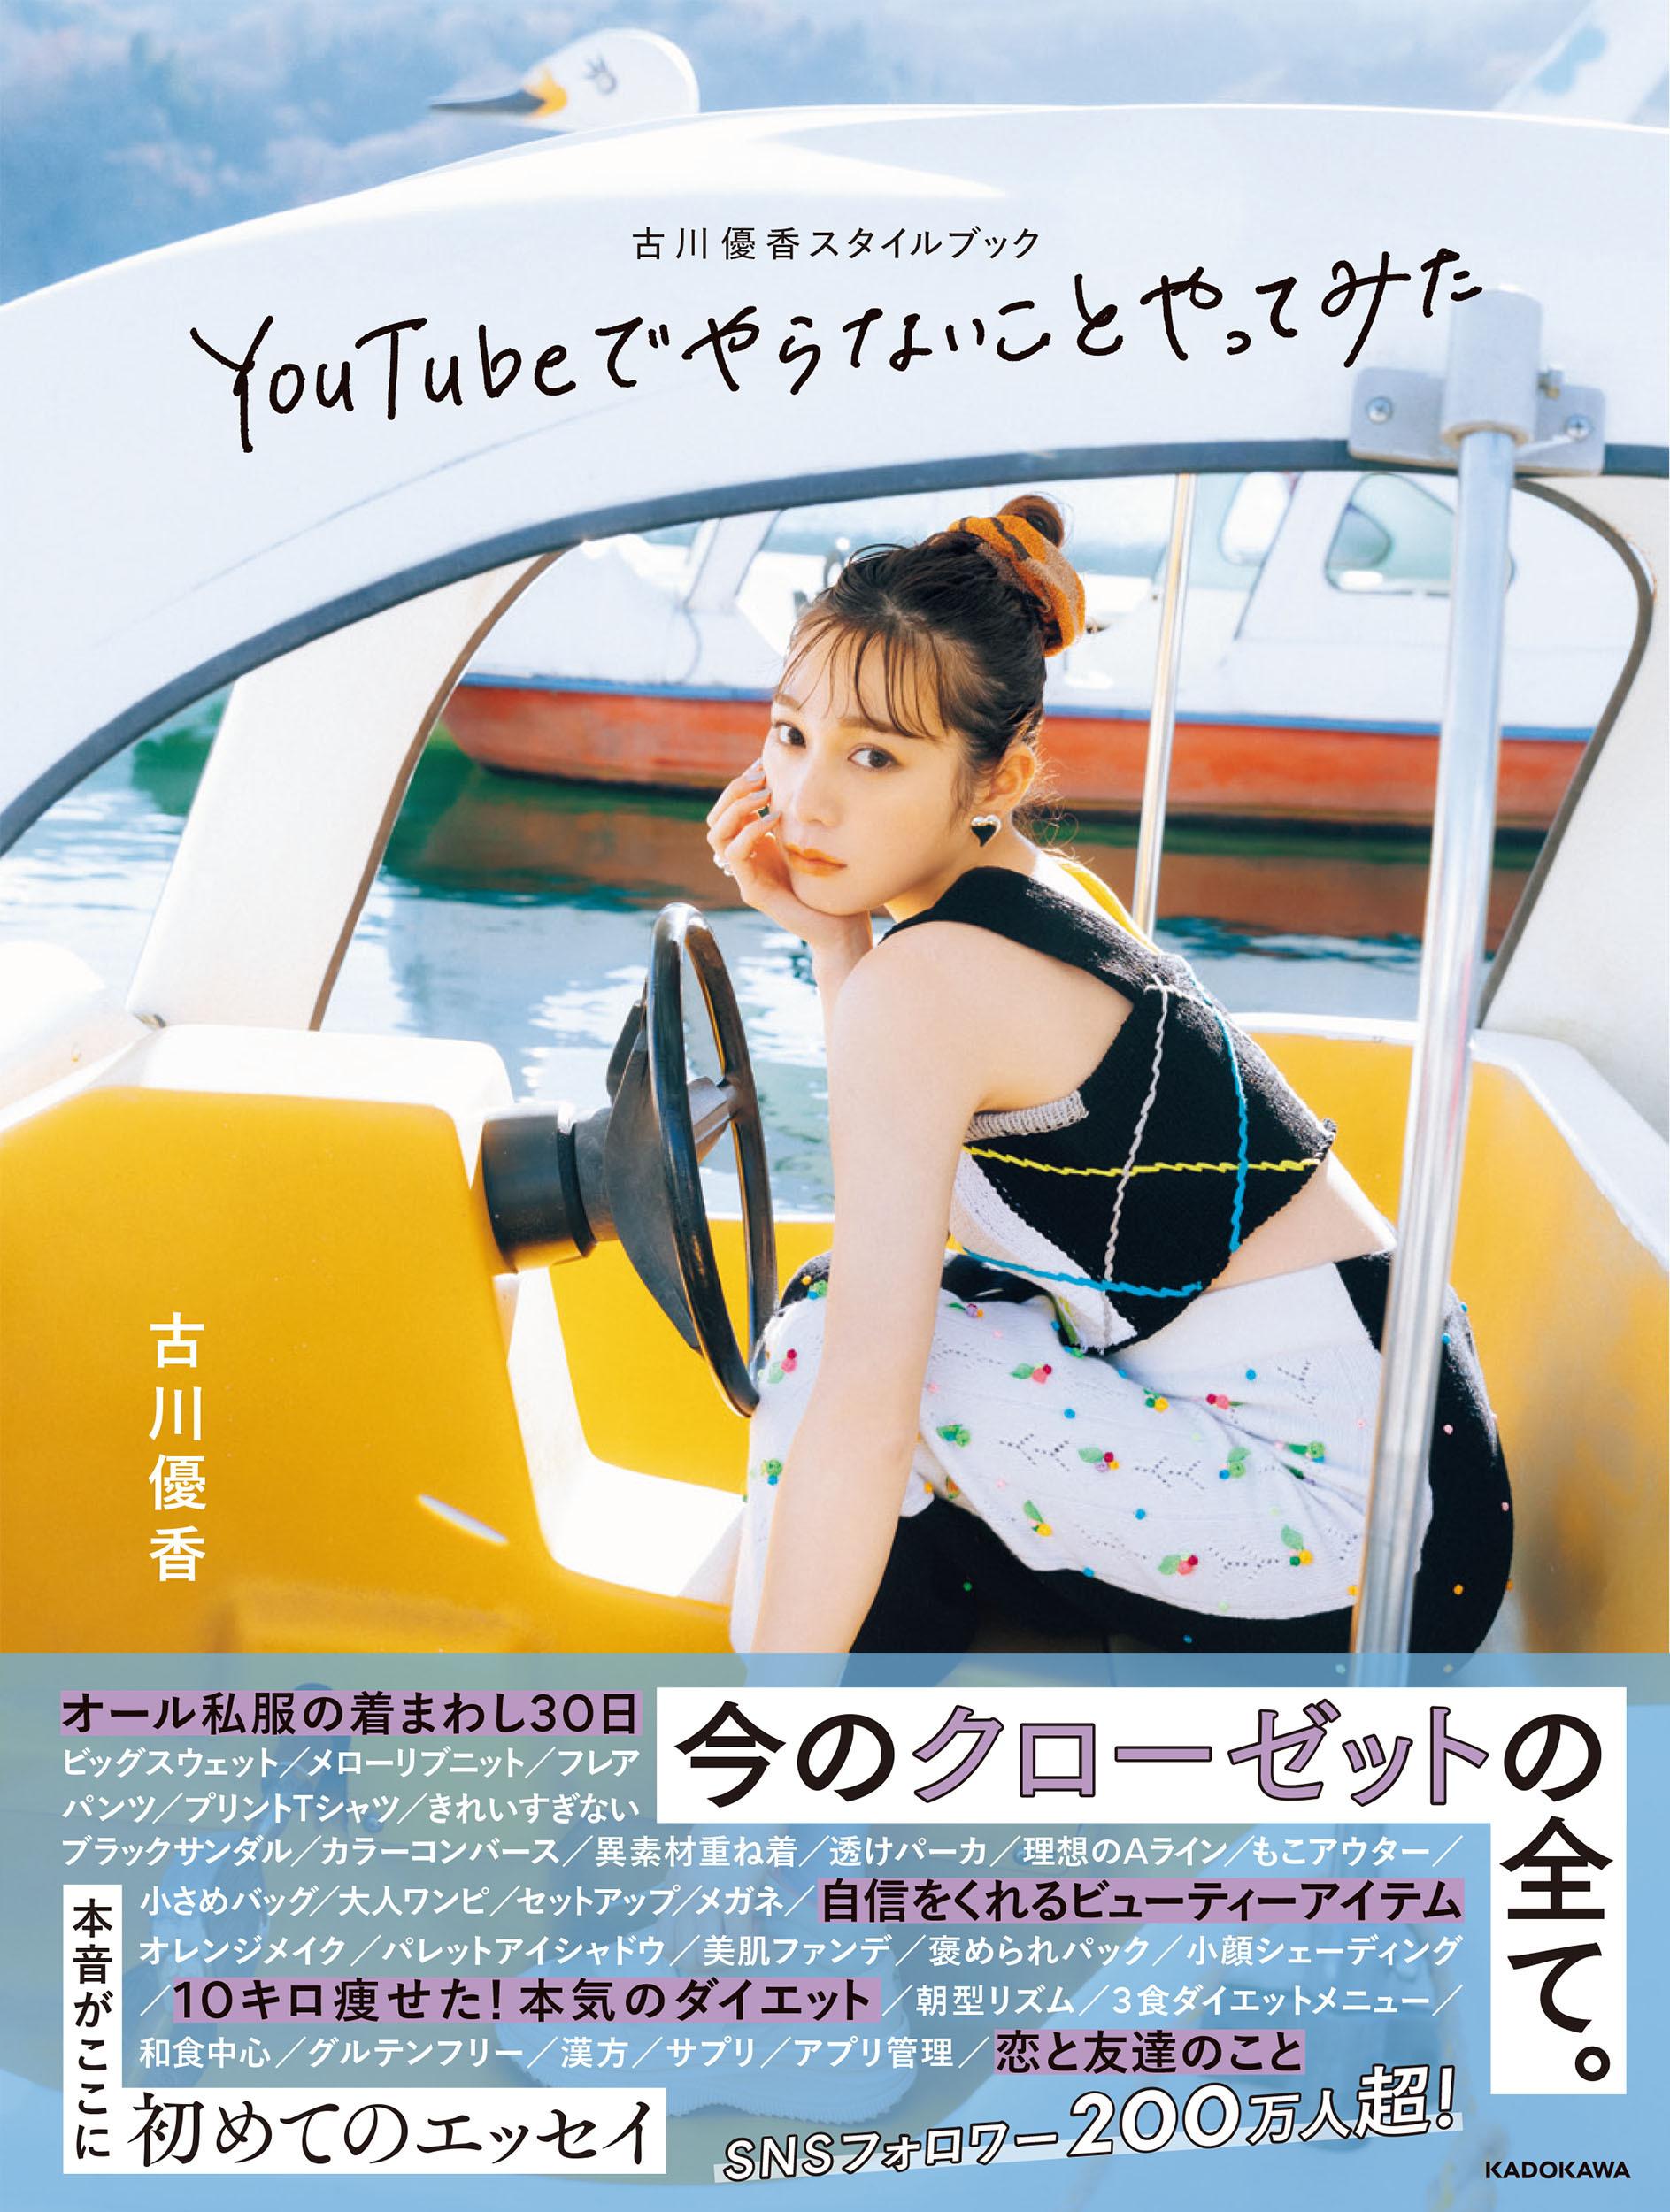 『YouTubeでやらないことやってみた古川優香スタイルブック』出版記念オンラインイベント【オンラインサイン会参加チケットあり!】